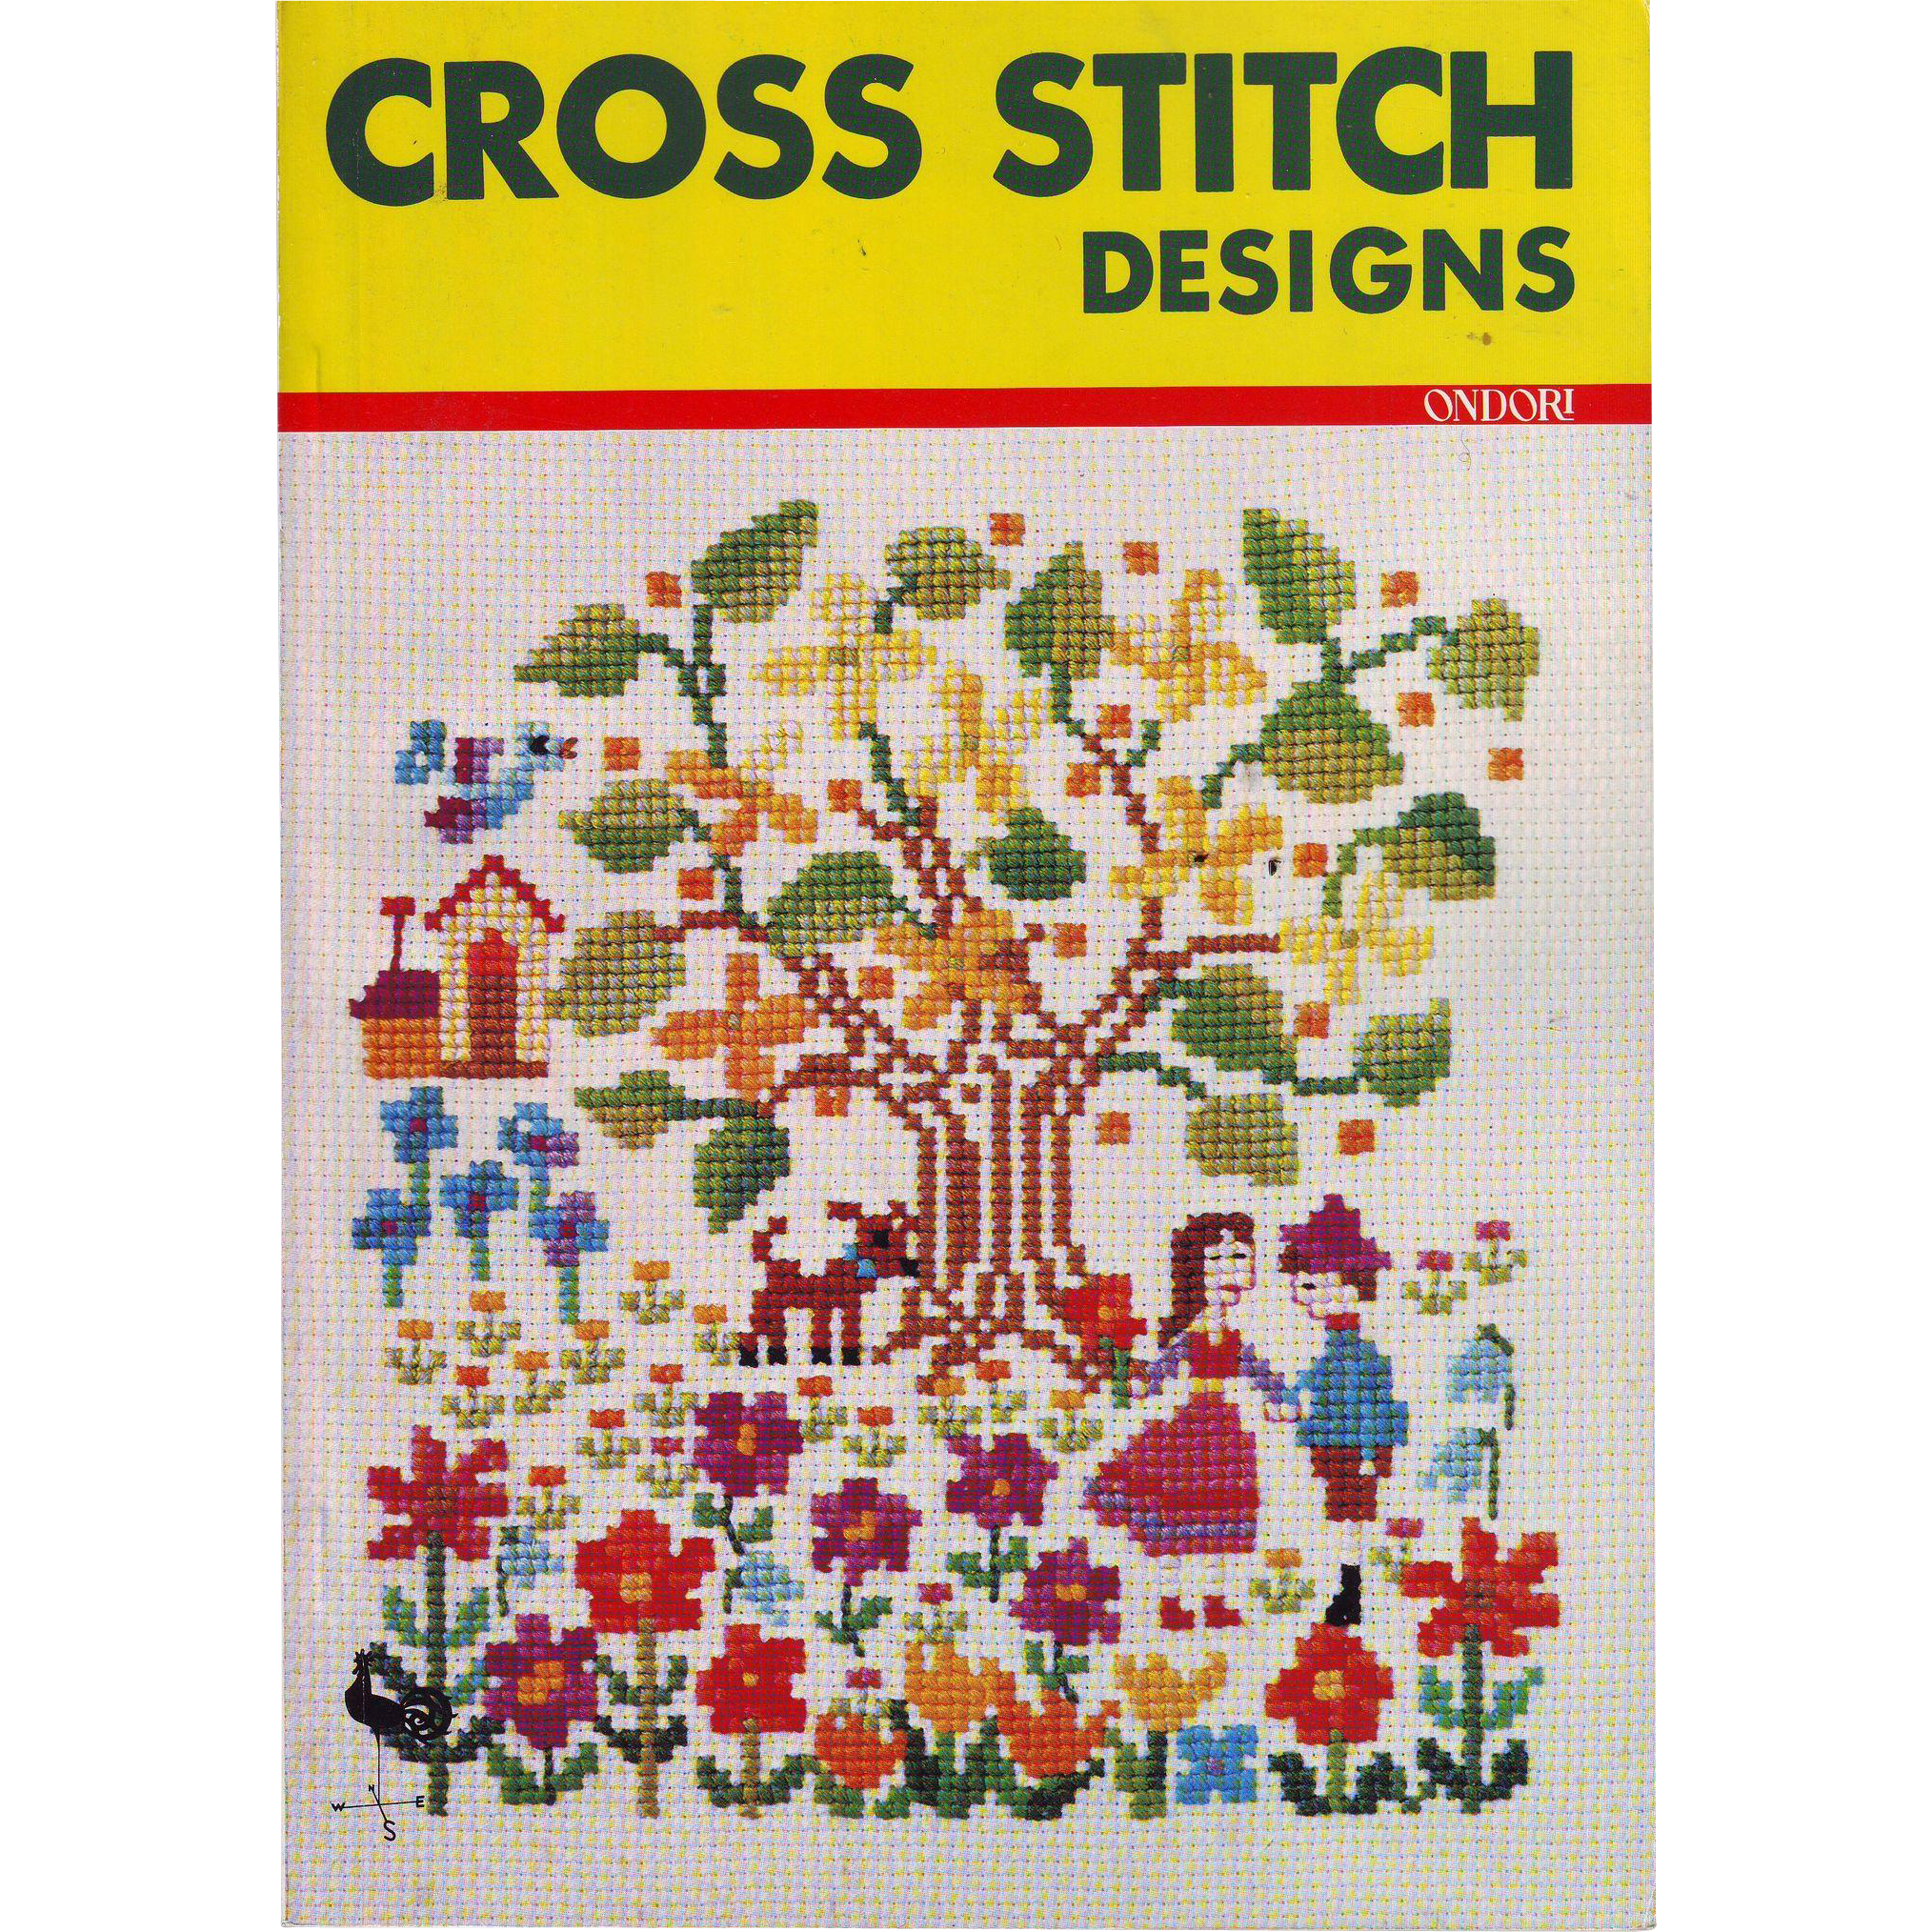 Ondori Book of Cross Stitch Designs - 1975 - Printed in Japan